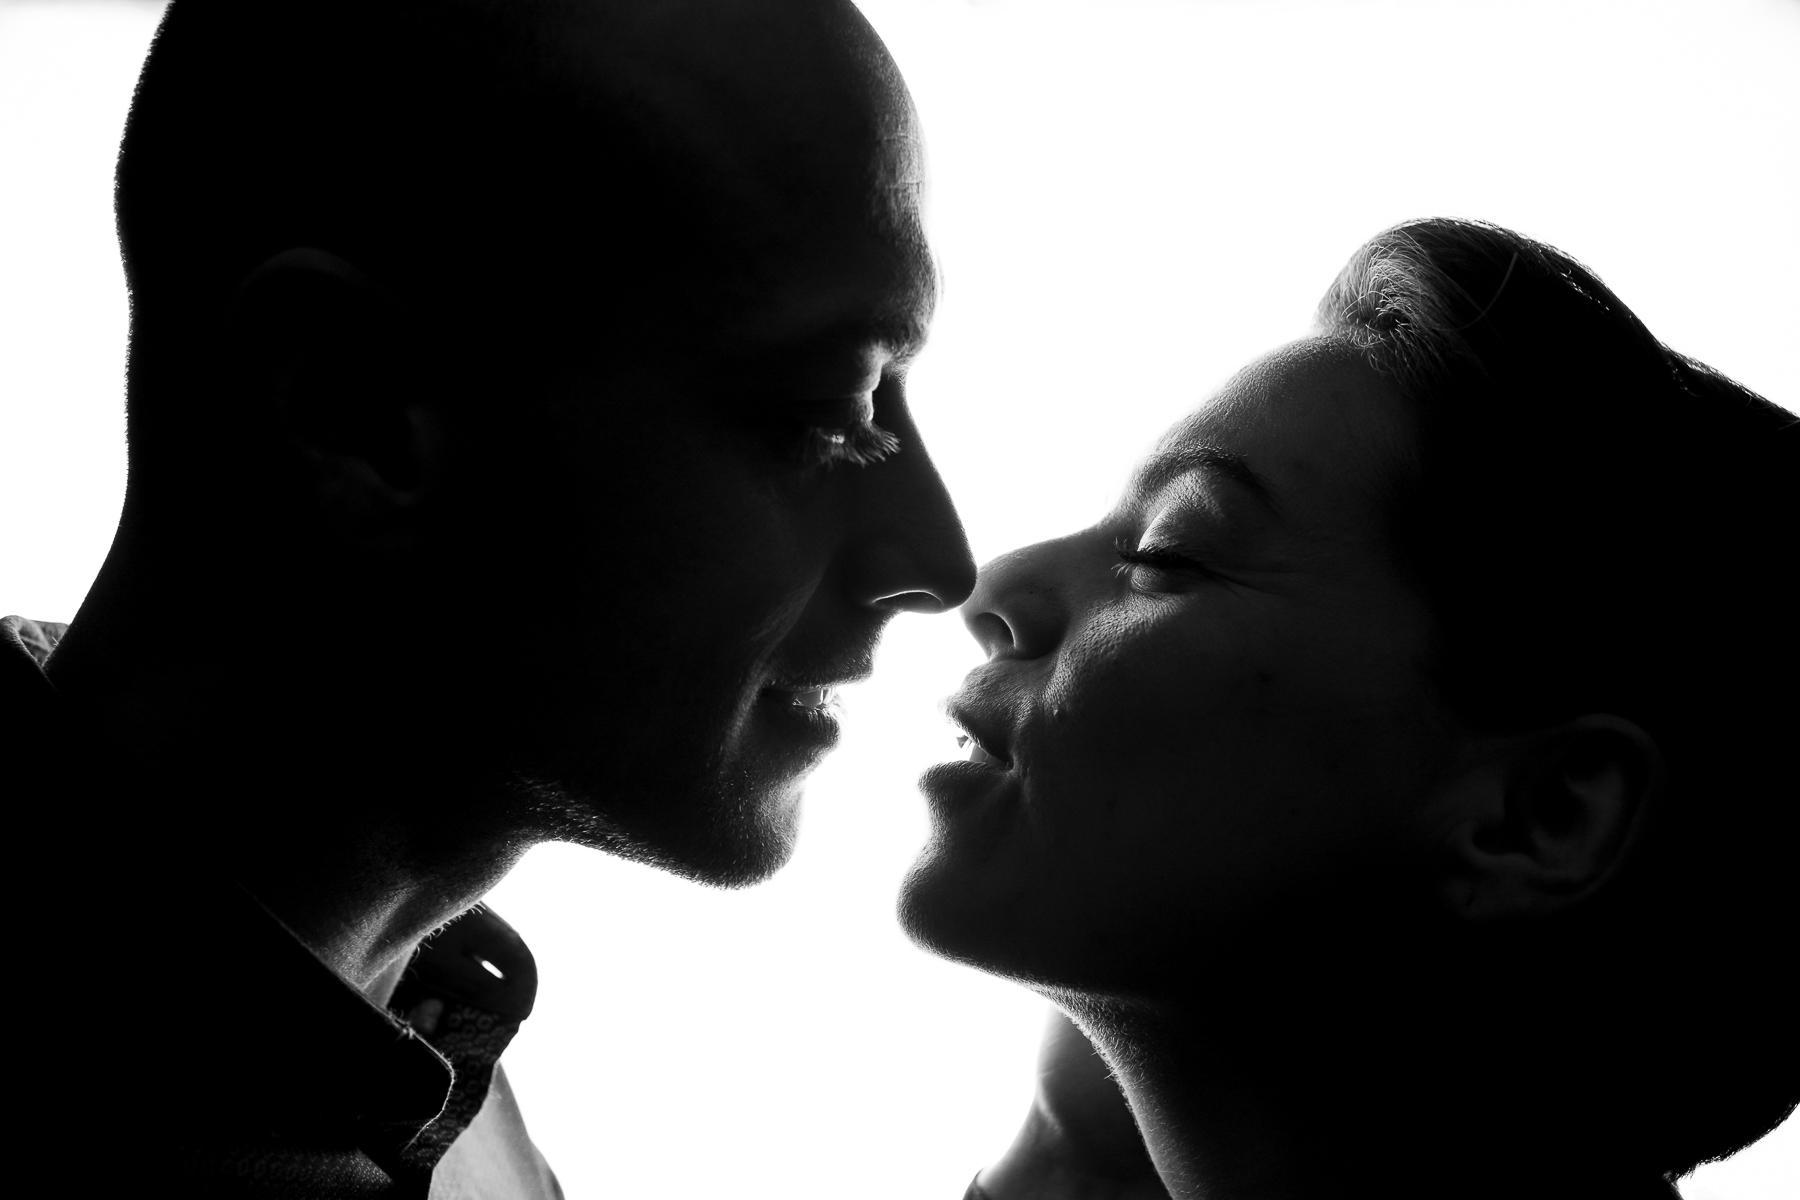 Shooting couple noir blanc photographe pluie 1